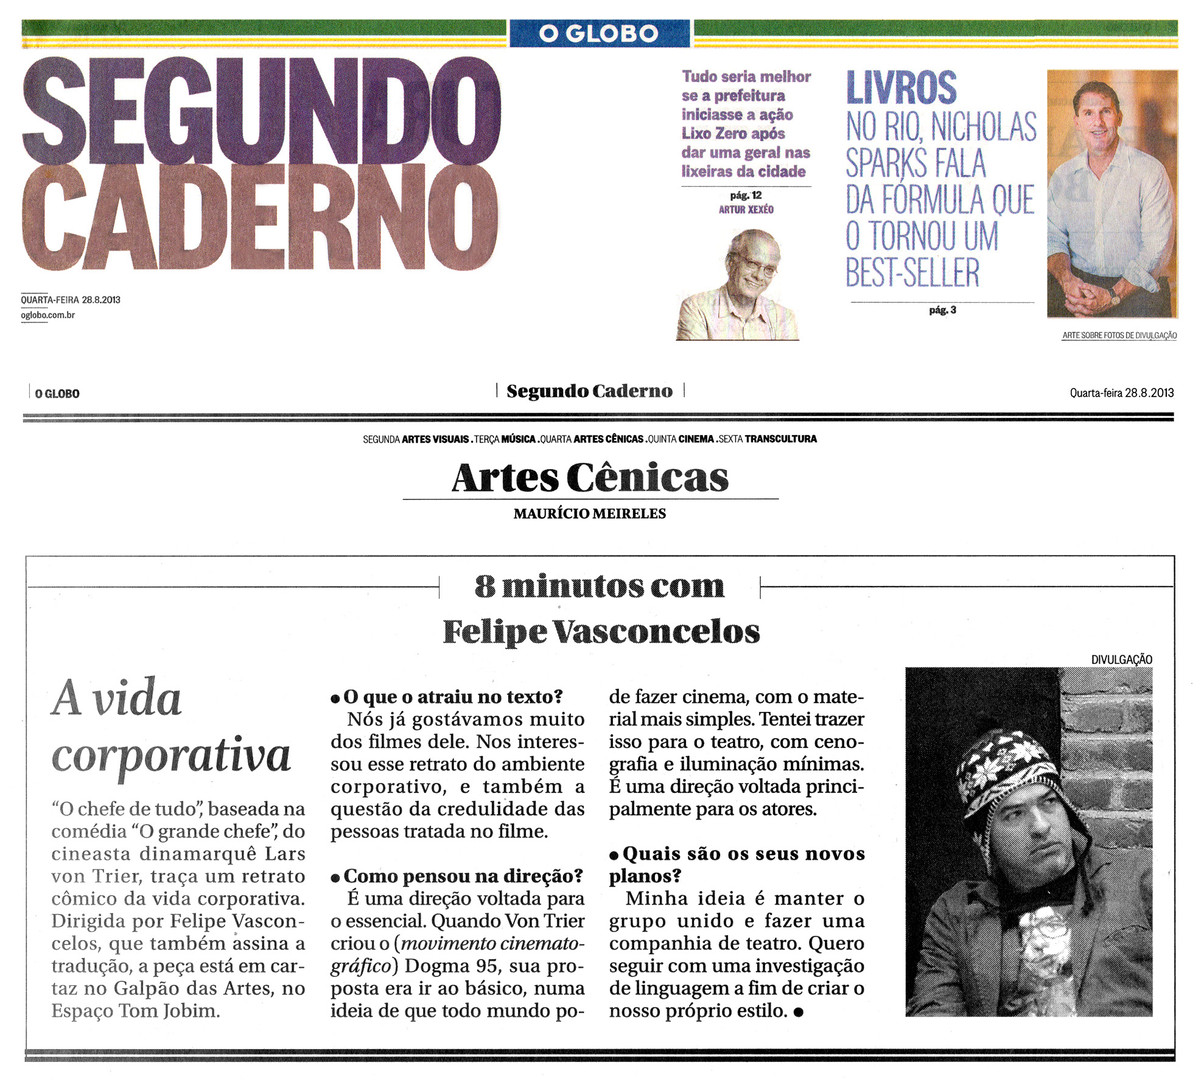 O GLOBO | Segundo Caderno | 28.08.2013